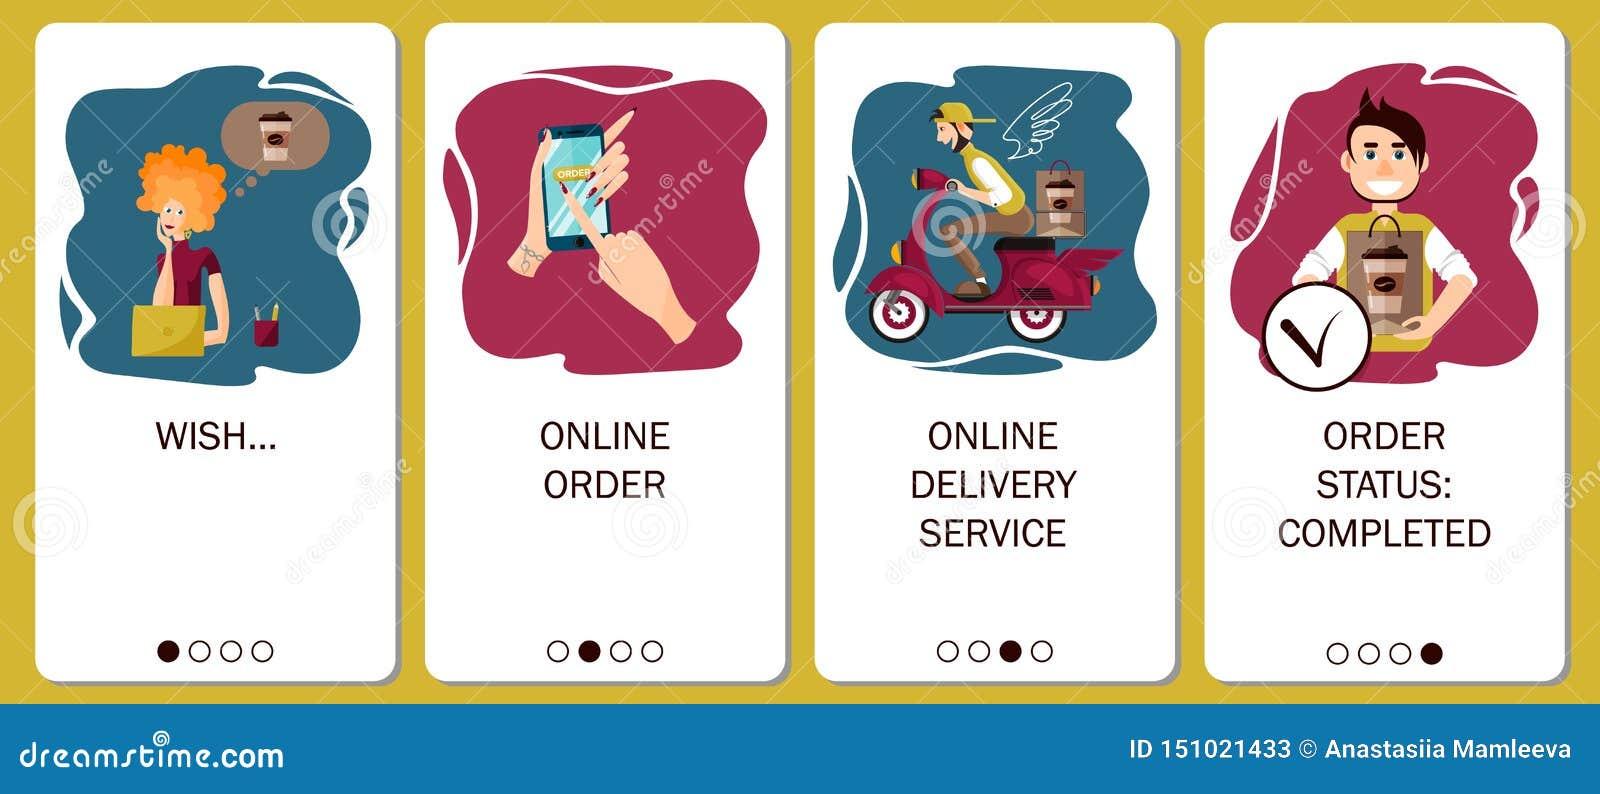 Σχέδιο κινητό app οι οθόνες Σε απευθείας σύνδεση υπηρεσία διαταγής, παράδοση καφέ, καφές διαταγής στη σε απευθείας σύνδεση καφετε